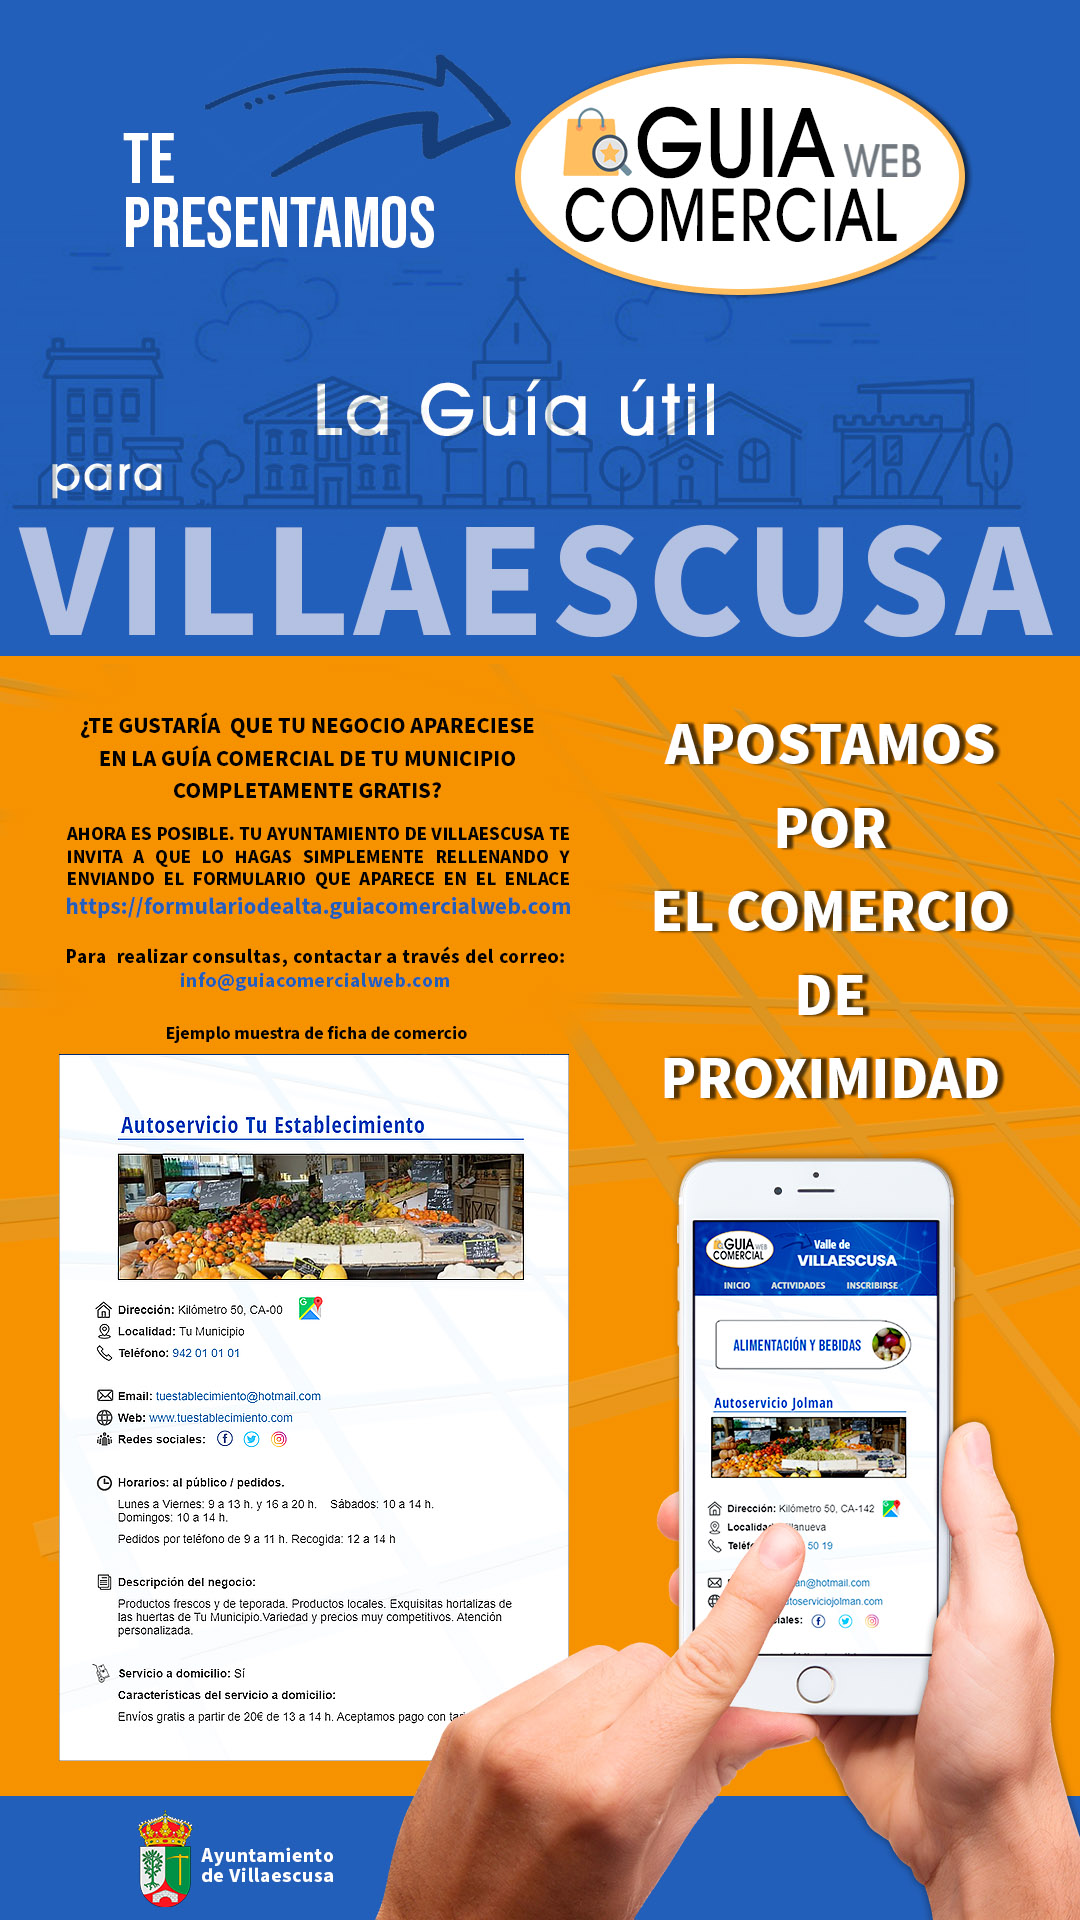 Cartel publicidad digital